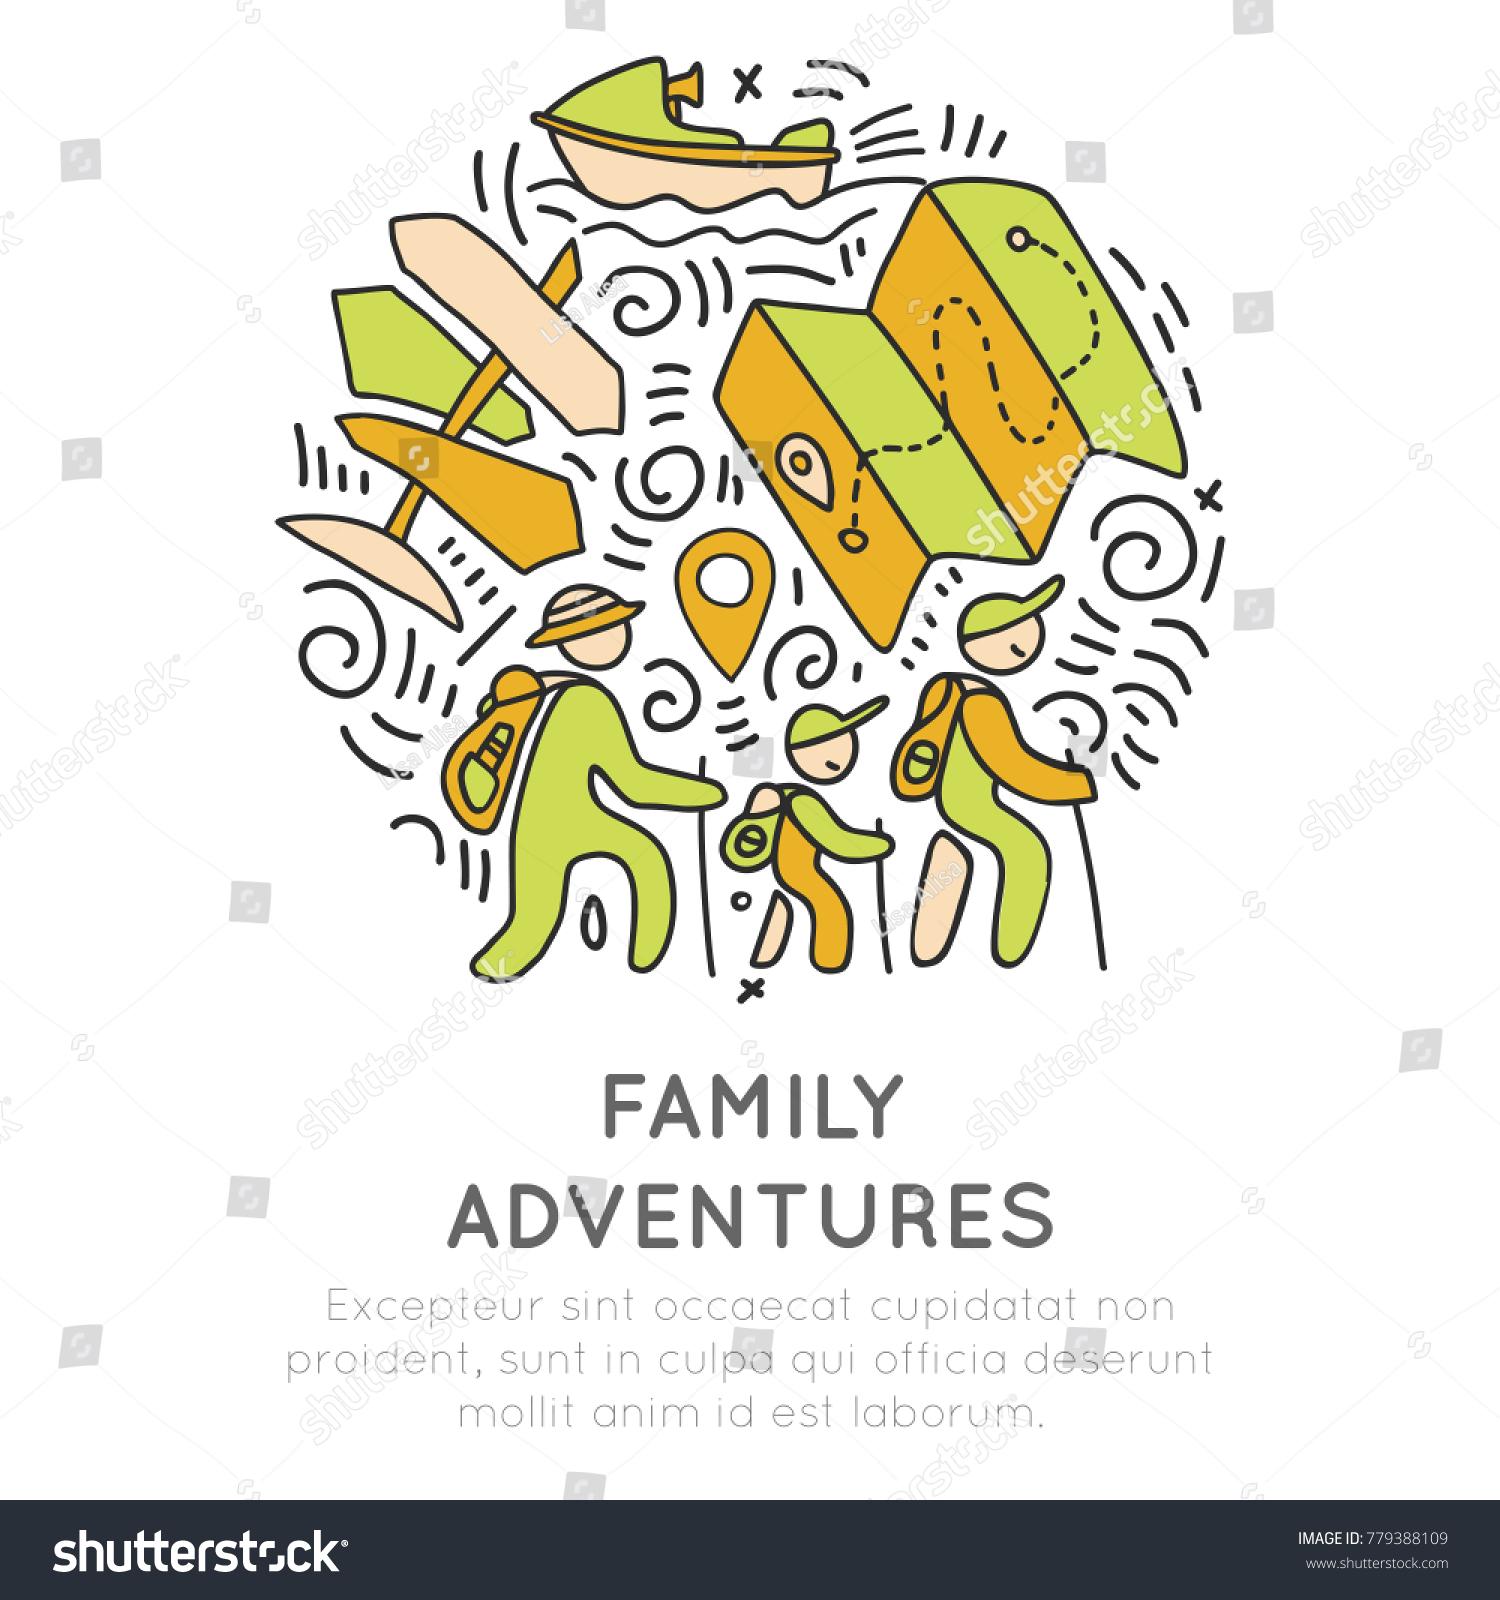 Suchen Sie Nach Family Adventure Outdoor Activities Hand Draw Stockbildern In Hd Und Millionen Weiteren Lizenzfreien Stockfotos Illustrationen Und Vektorgrafiken In Der Shutterstock Kollektion Jeden Tag Werden Tausende Neue Hochwertige Bilder